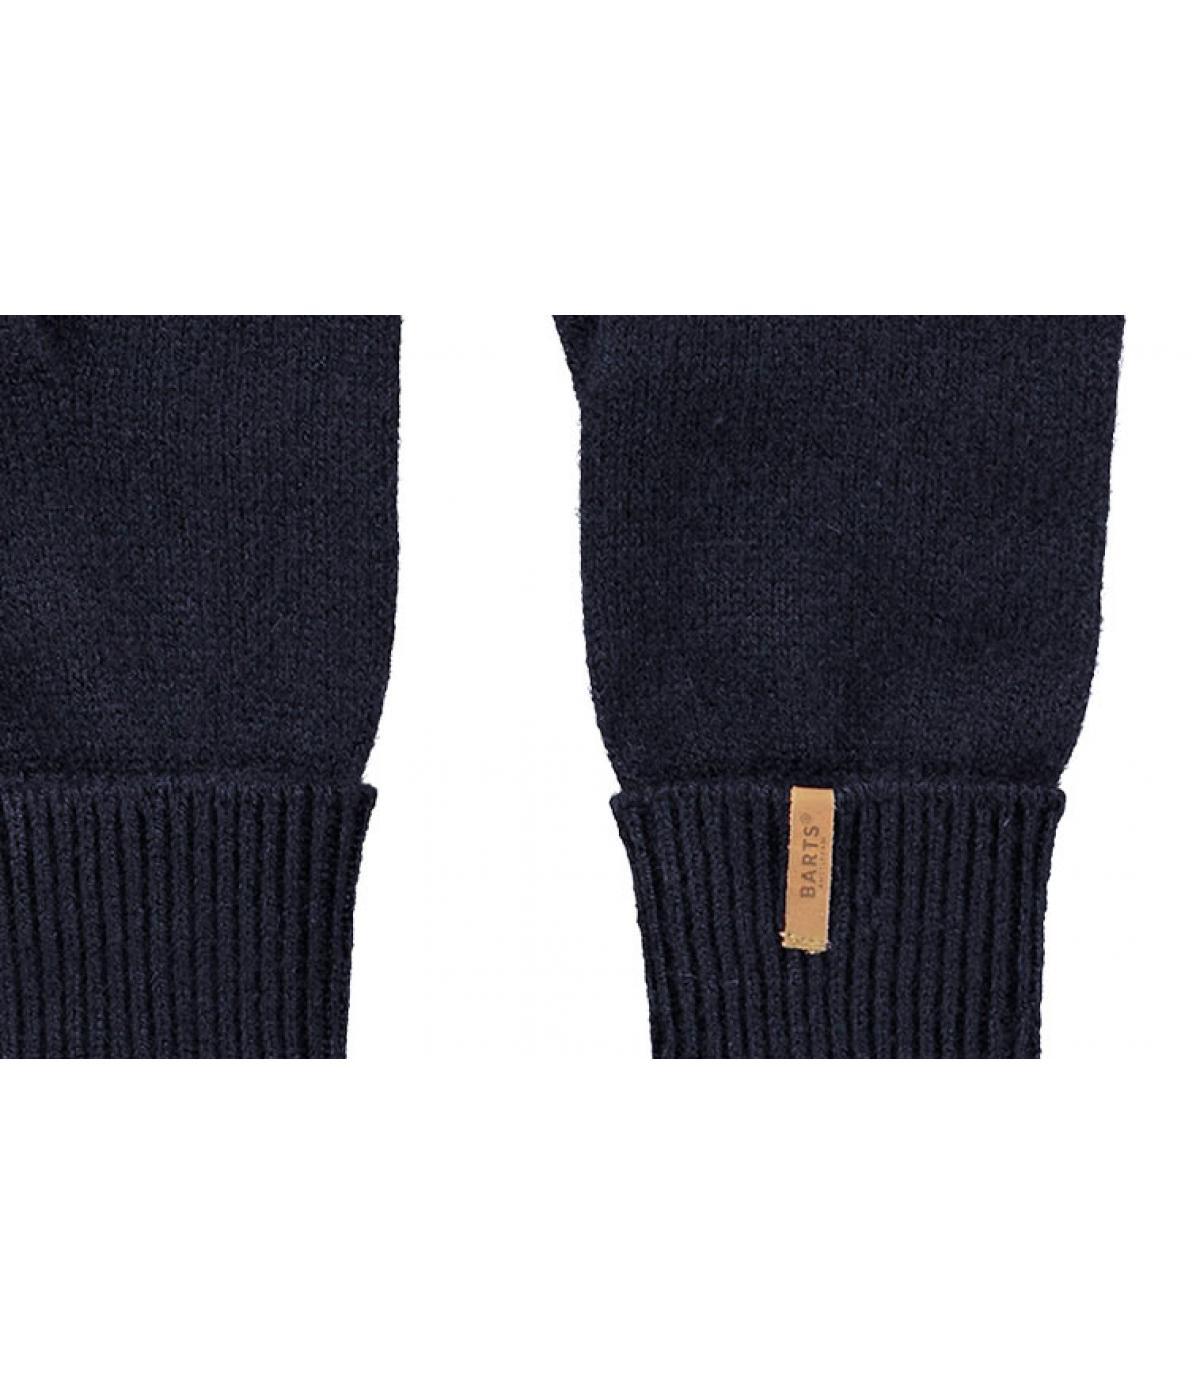 Details Fine Knitted Gloves navy - afbeeling 2